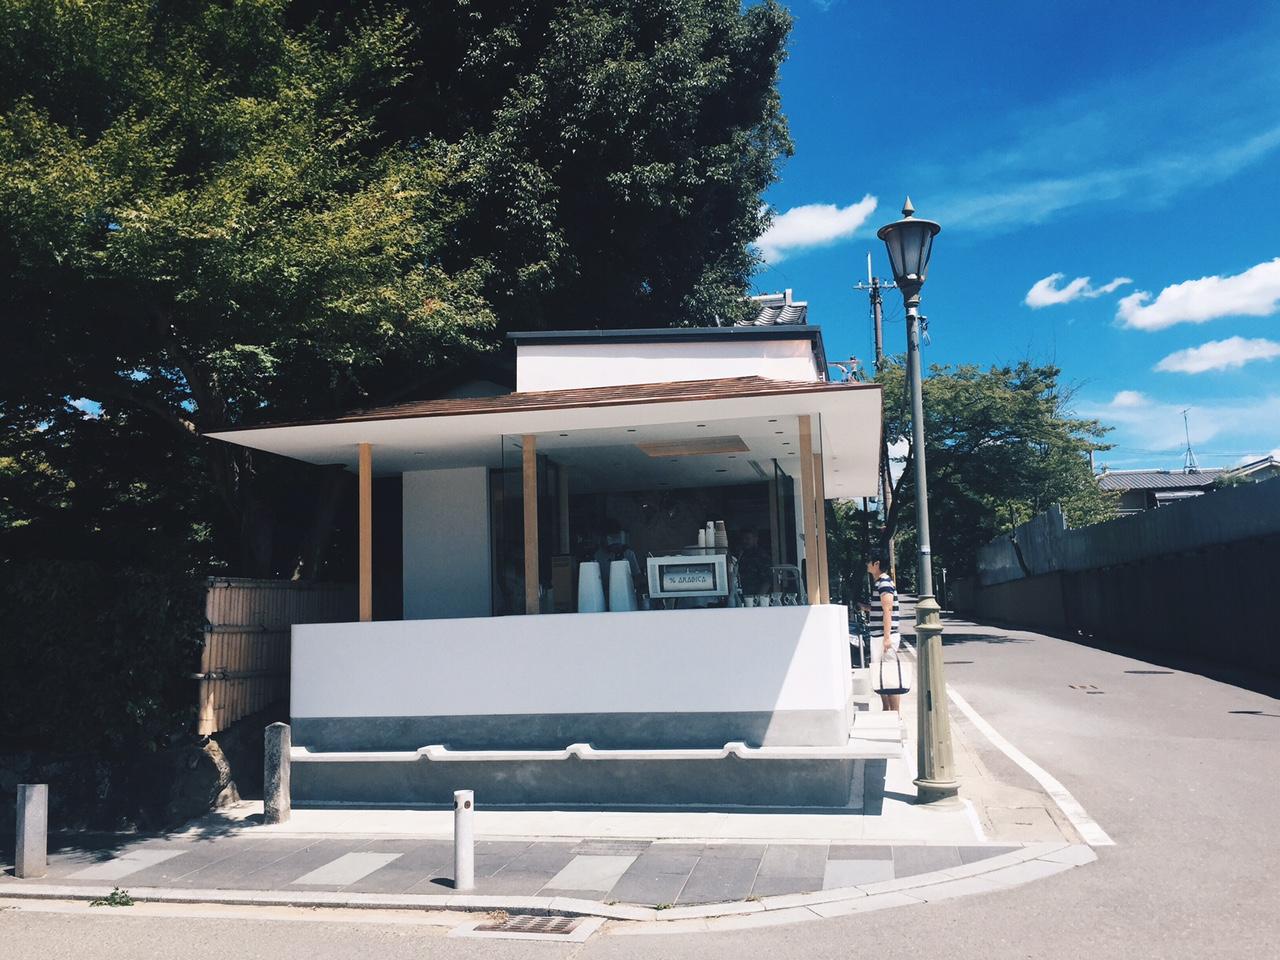 2017年7月の人気カフェ&コーヒースタンド 5位:アラビカ京都 嵐山